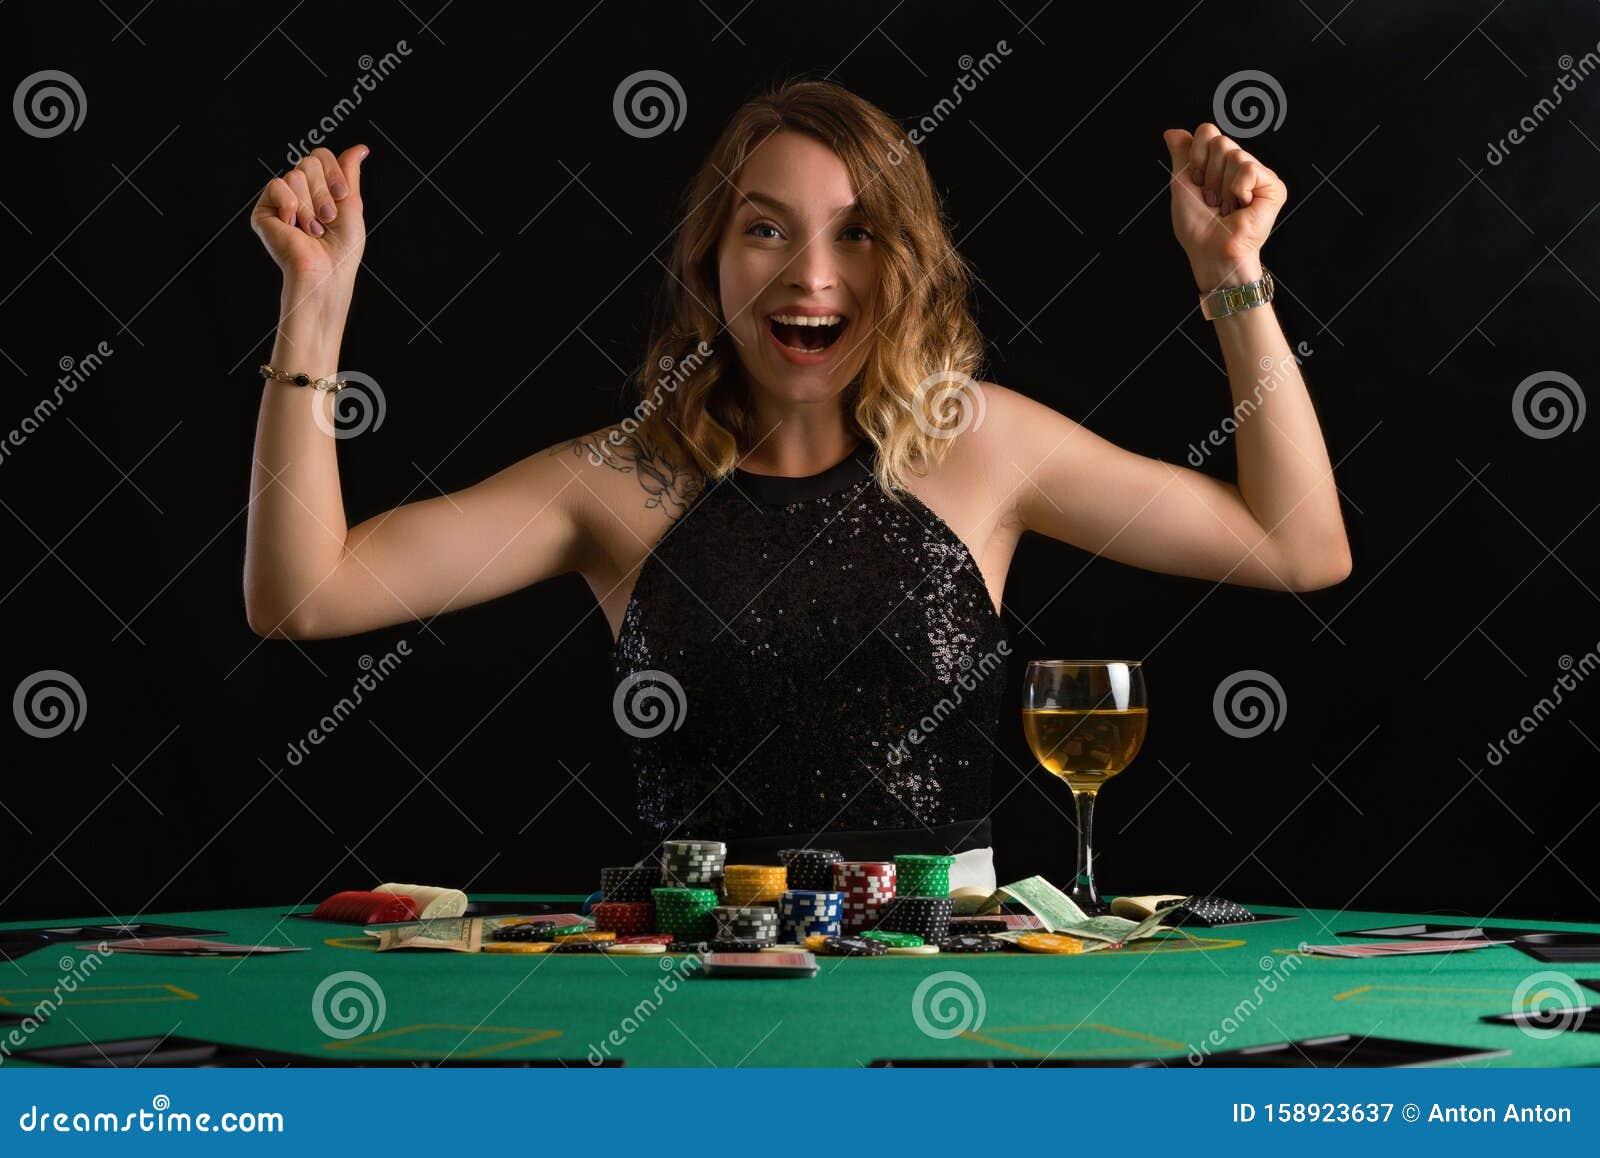 Девушка выиграла в казино домашняя страница казино вулкан